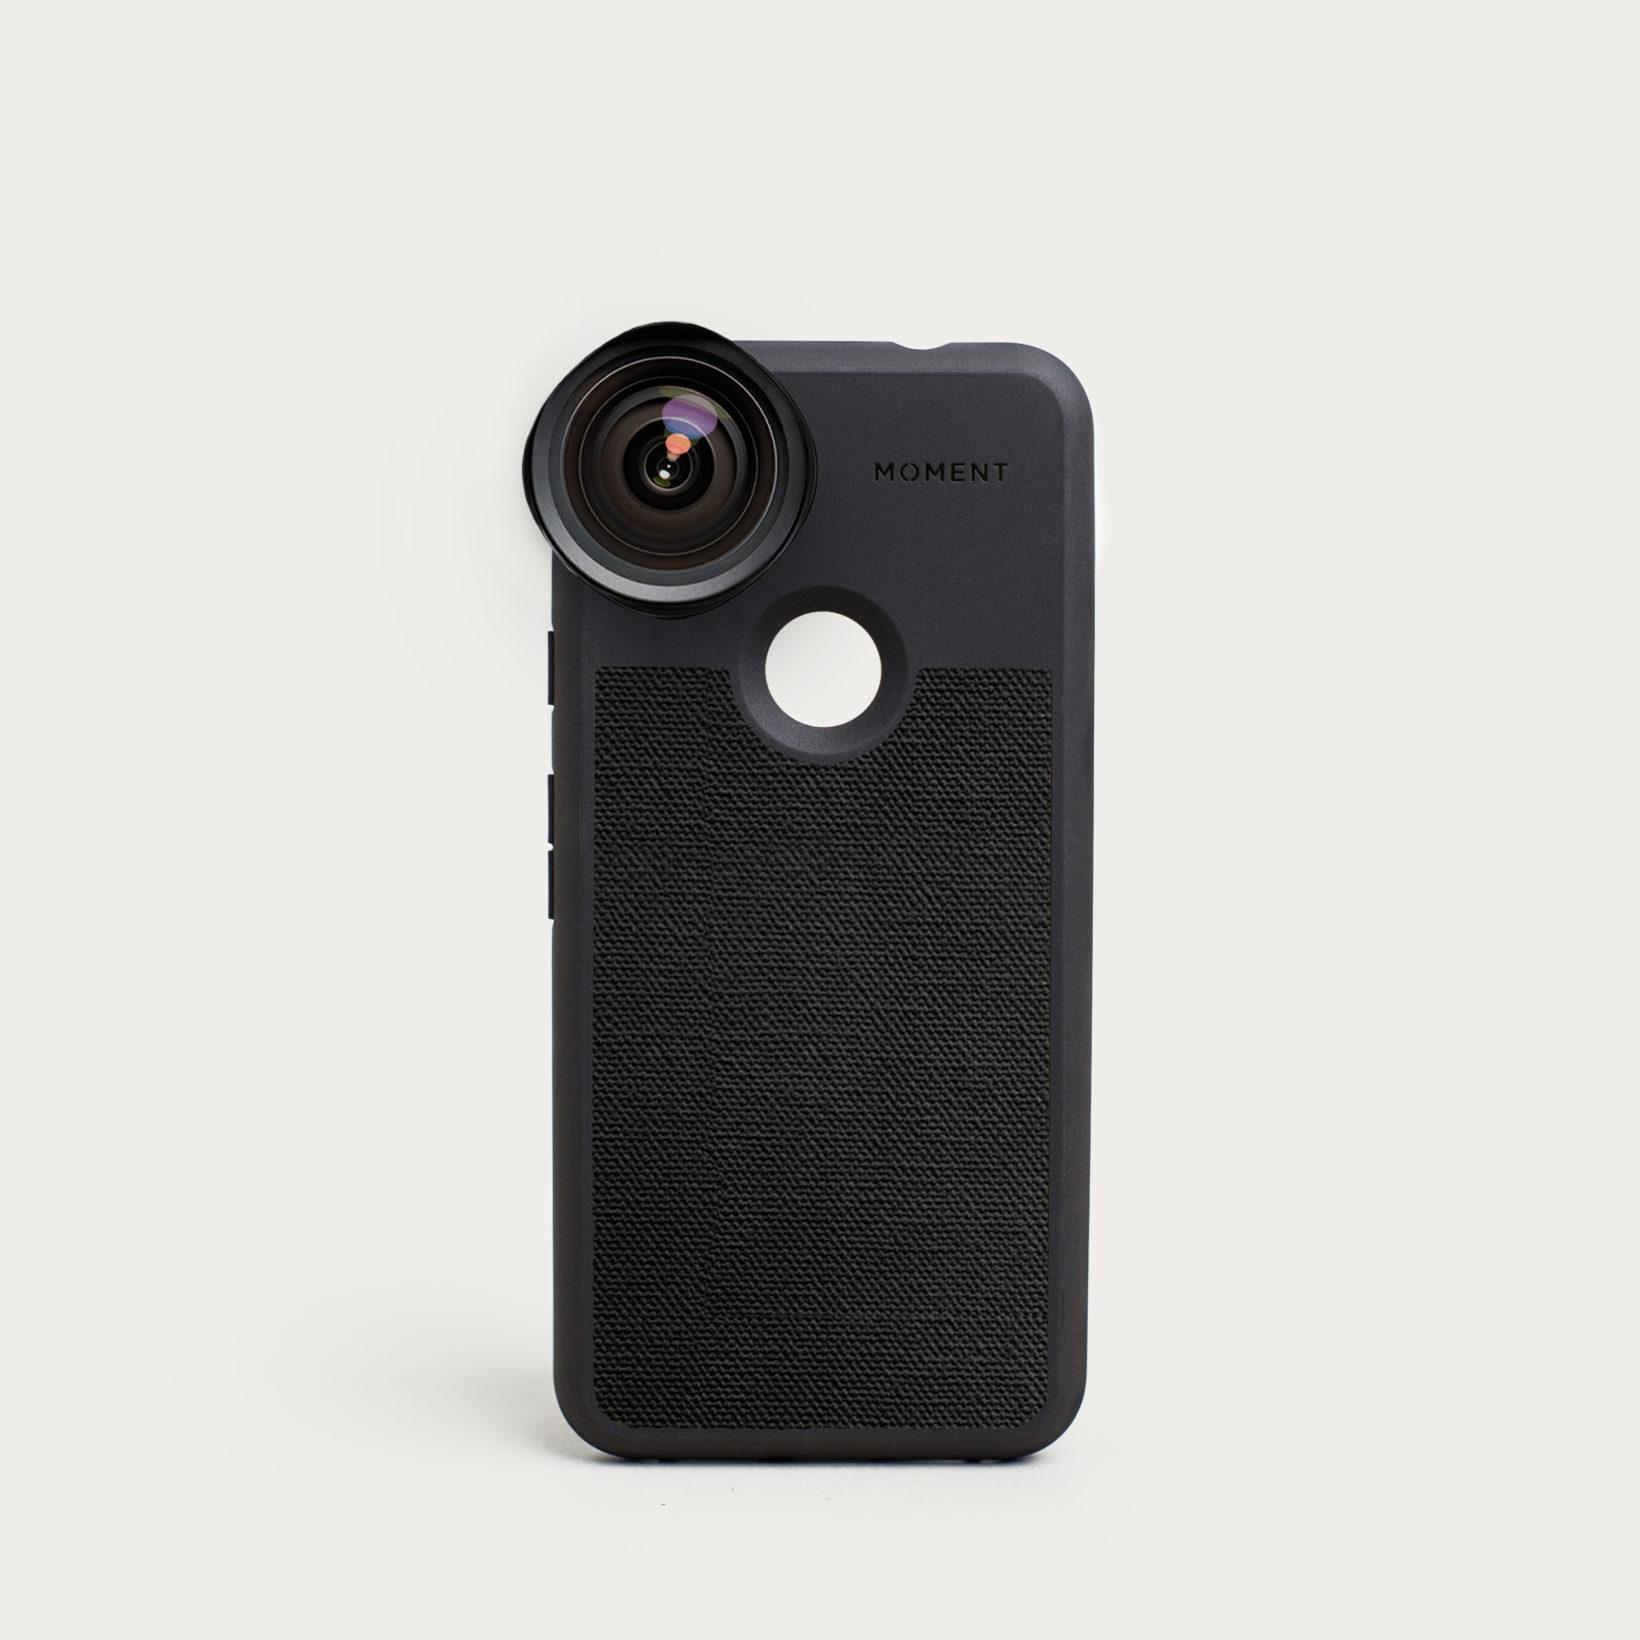 Pixel Photo Case | Pixel 3a - Black Canvas